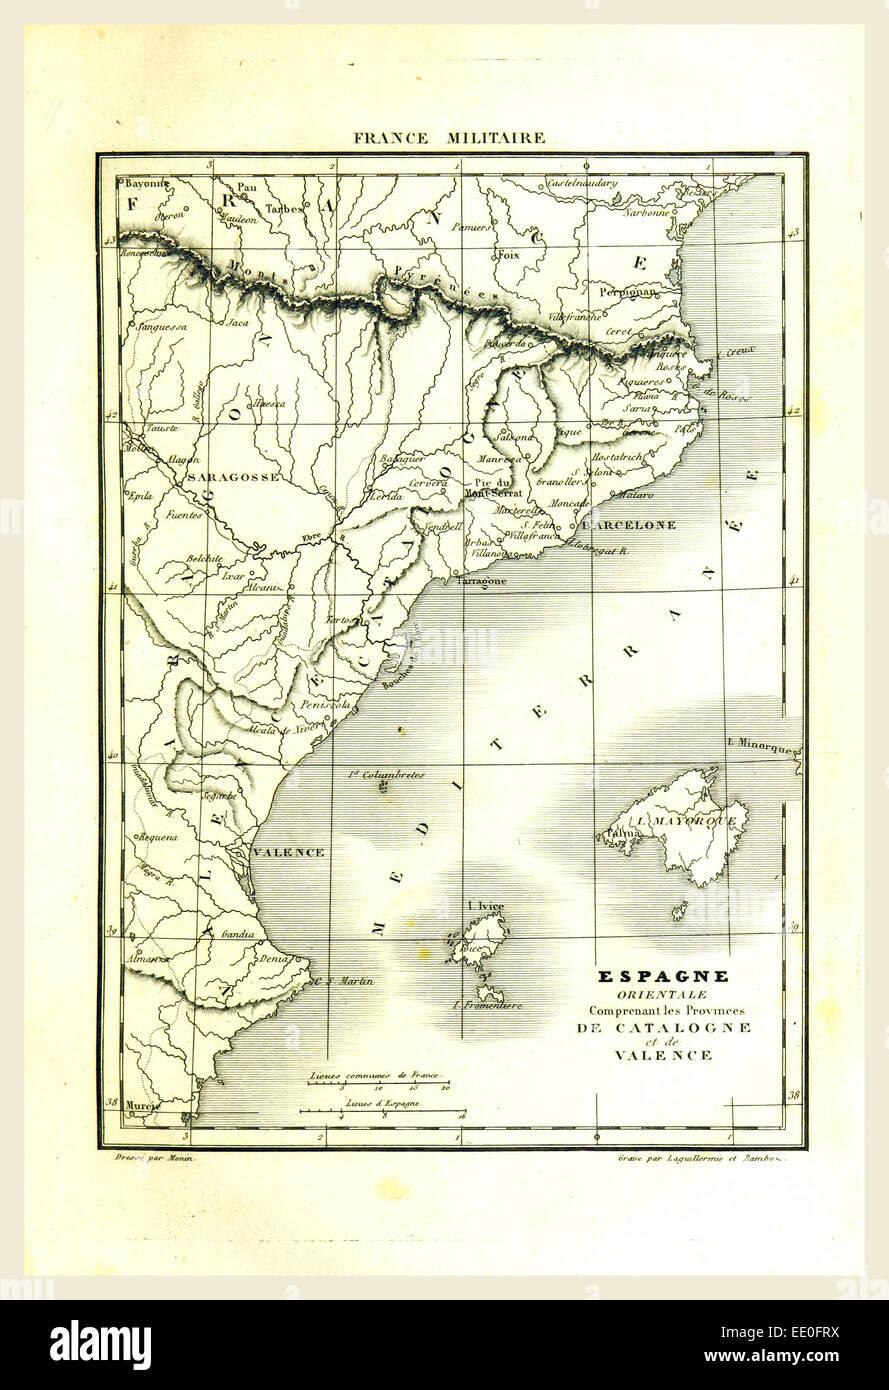 Mappa, in Spagna, in Catalogna, Valencia, xix secolo incisione Immagini Stock